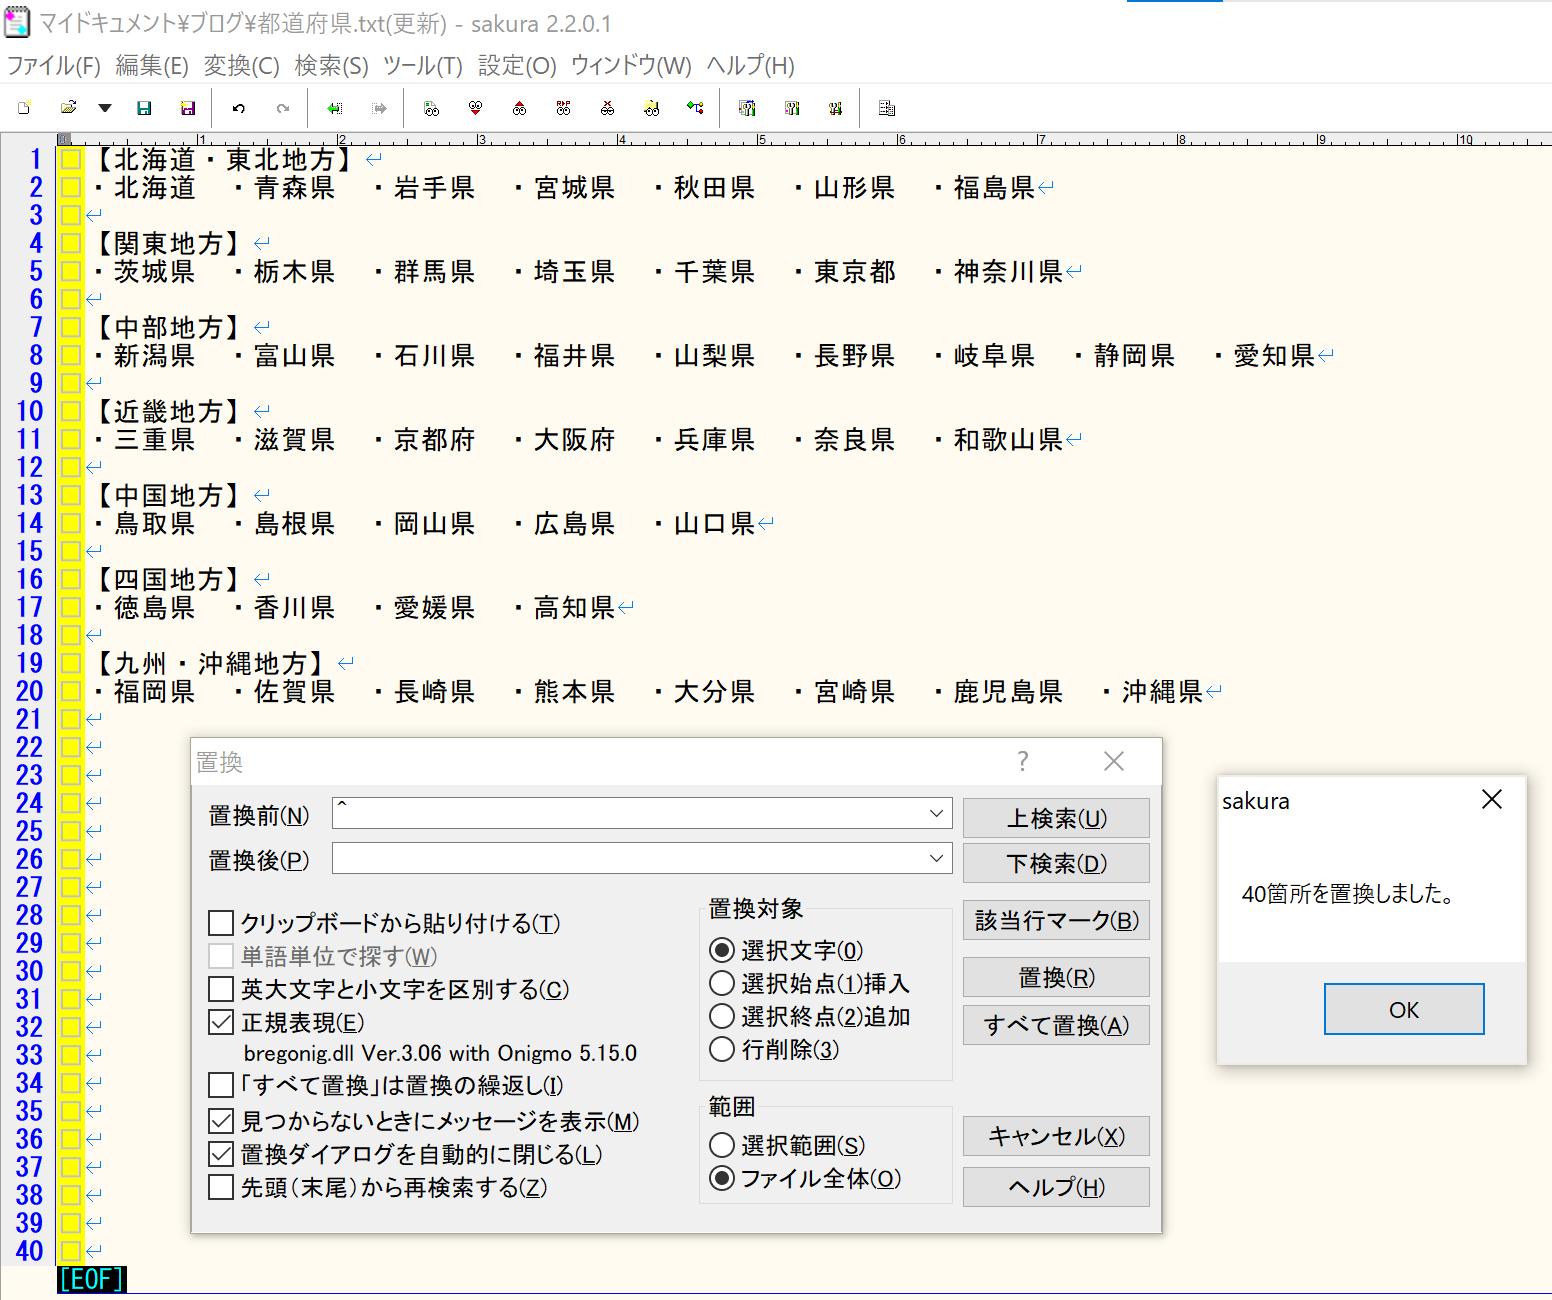 サクラエディタの「置換」画面の入力欄「置換後」に「 」(「全角スペース」)を入力して「すべて置換」を実行した画面